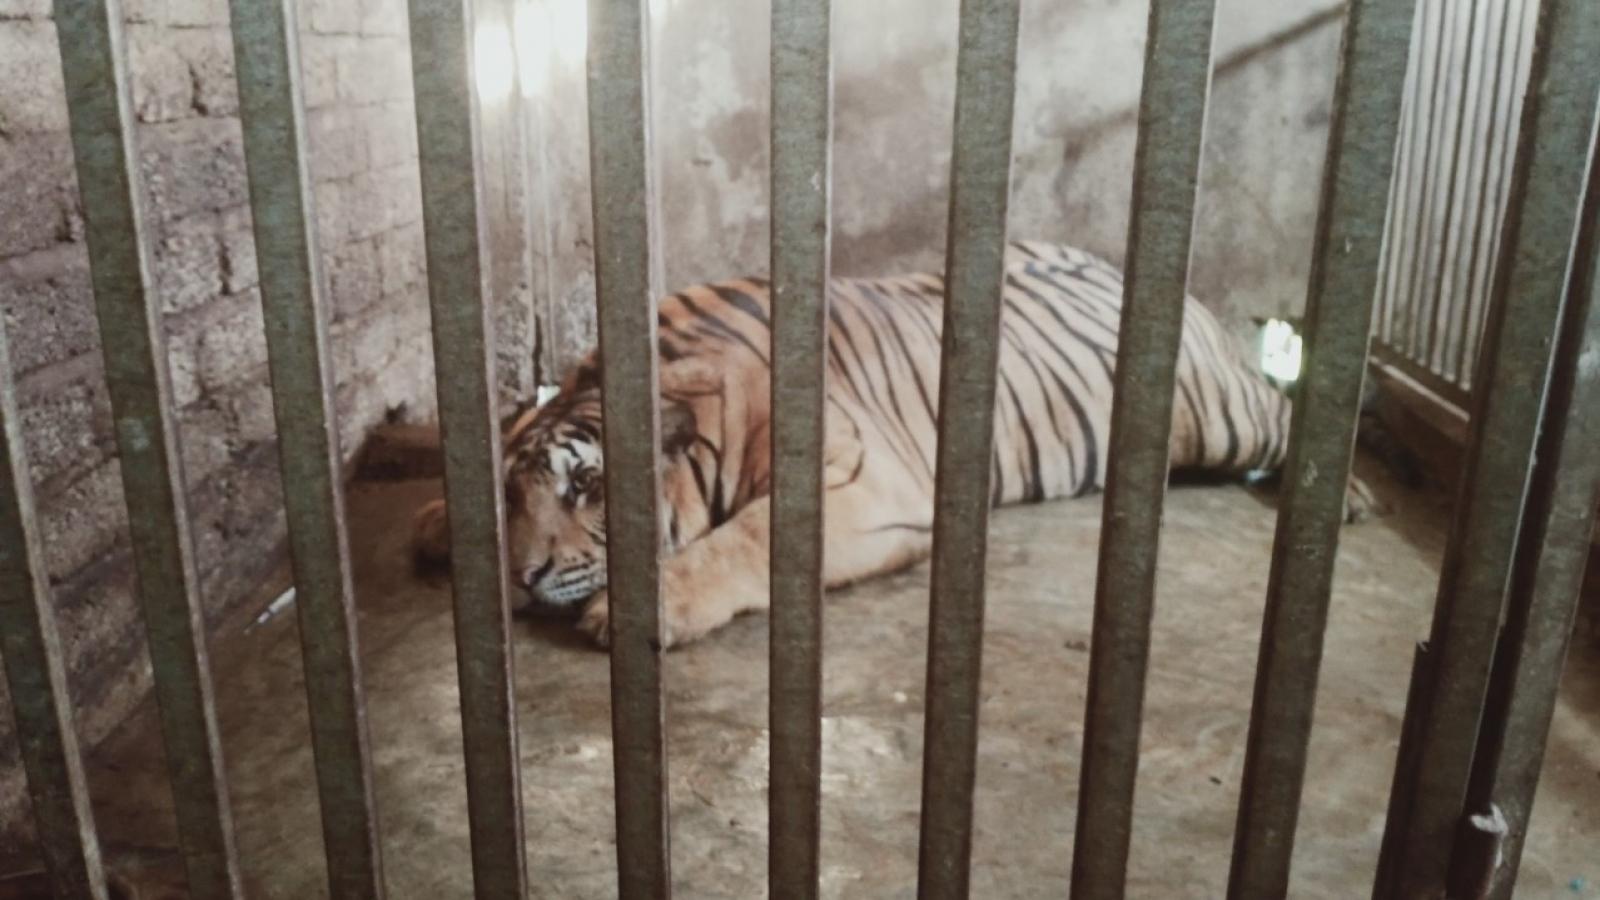 Hộ gia đình công an bán chuyên trách ở Nghệ An nuôi trái phép 3 con hổ